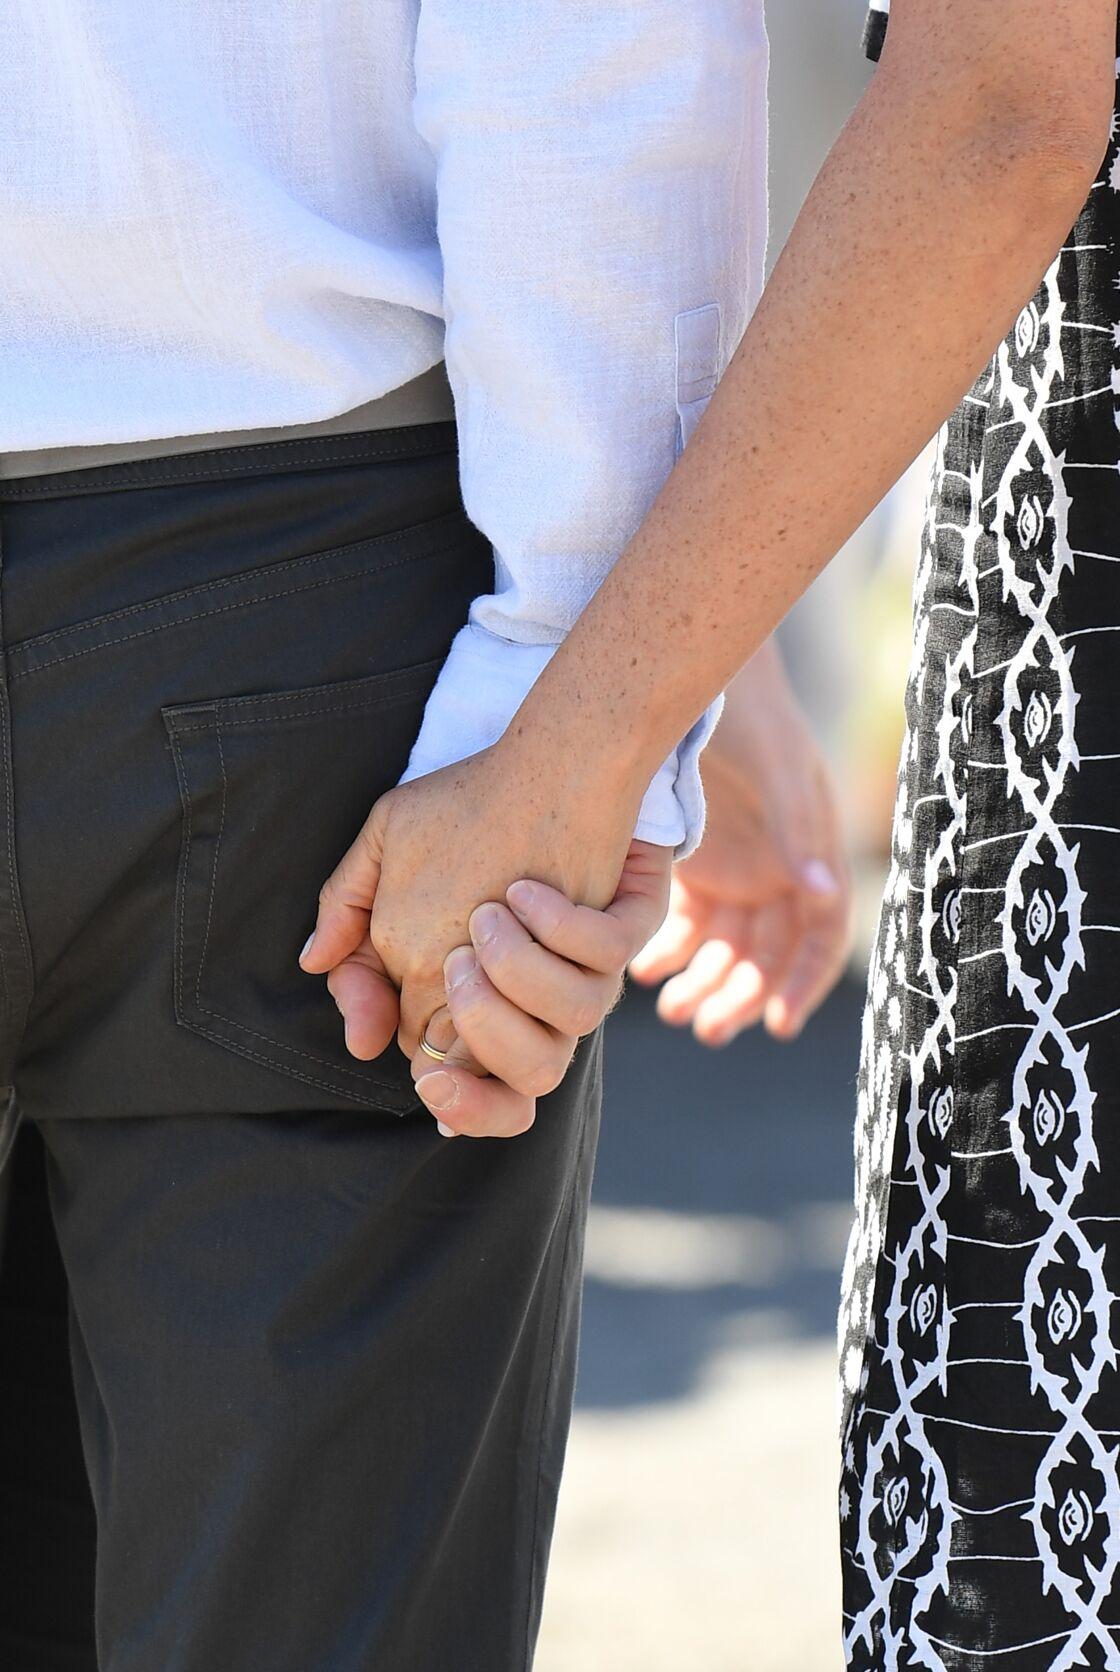 Meghan Markle ce 23 septembre au Cap apparait sans sa bague de fiançailles. Elle arbore uniquement son alliance.